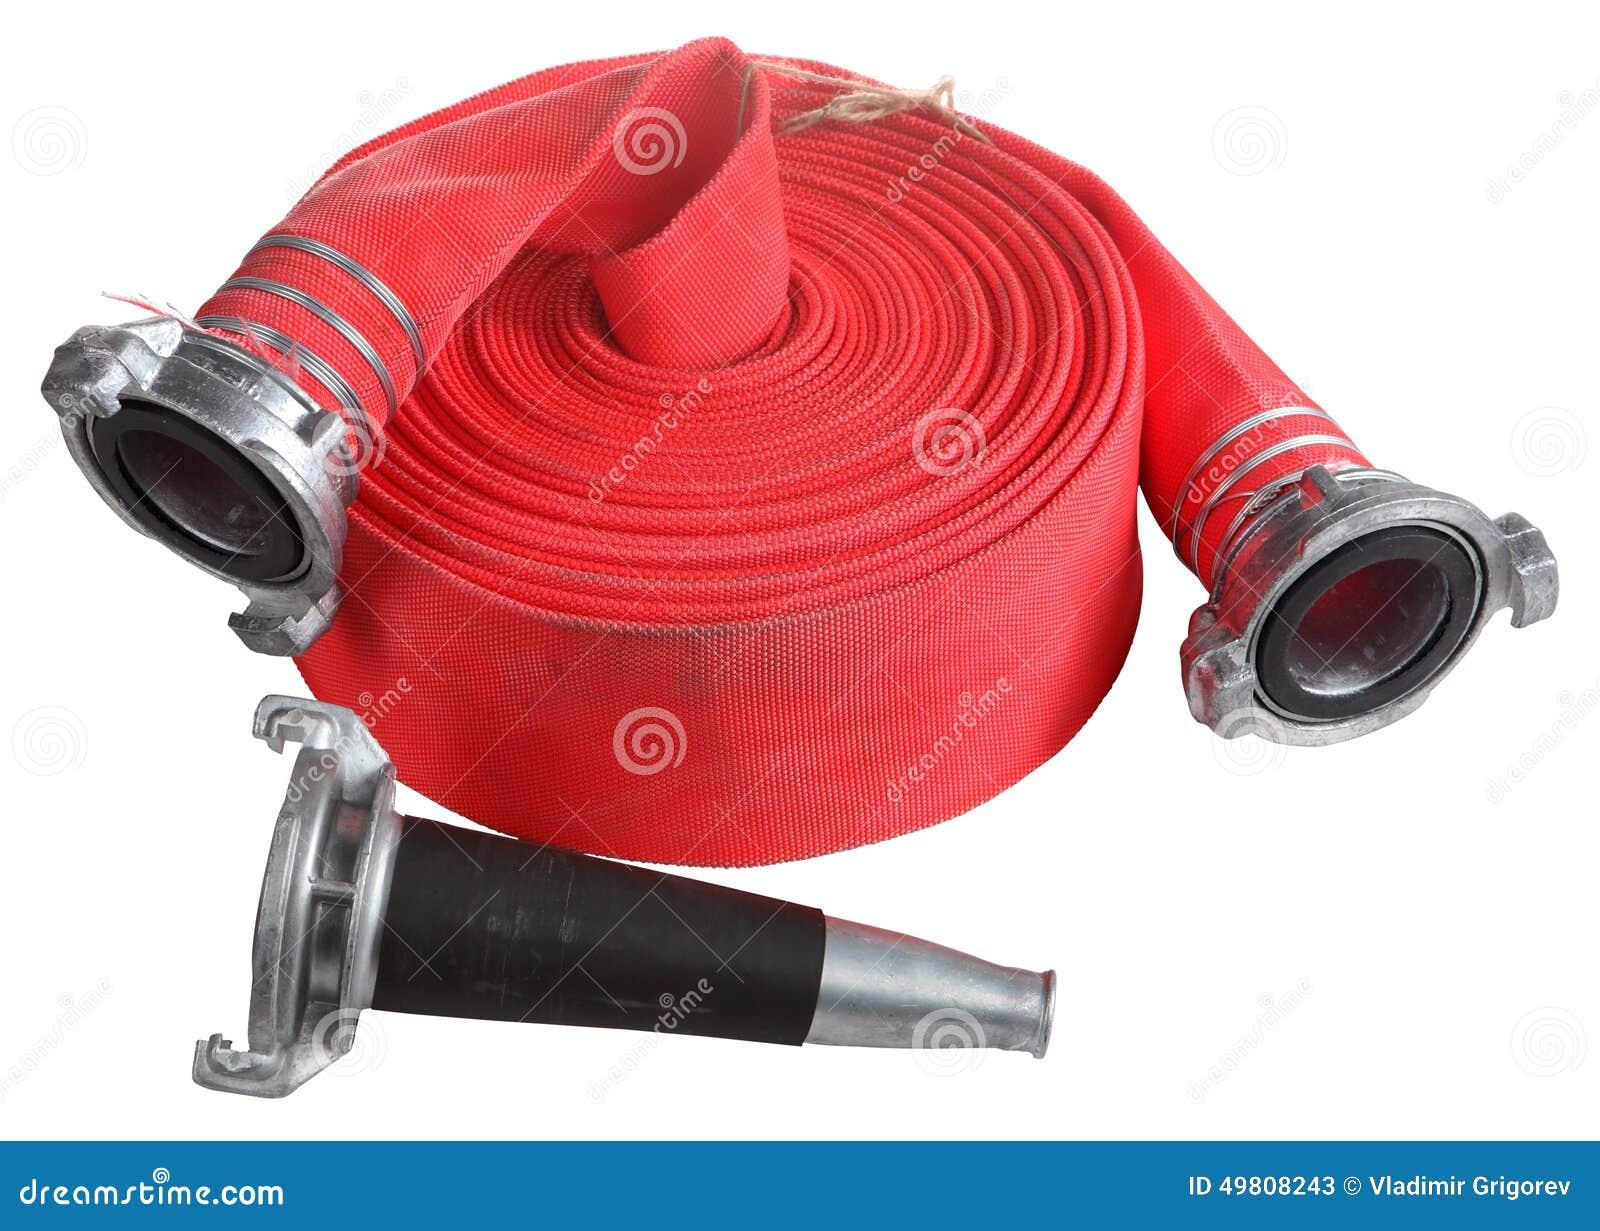 Красный ролик крена моталки пожарного рукава, с муфтой и соплом